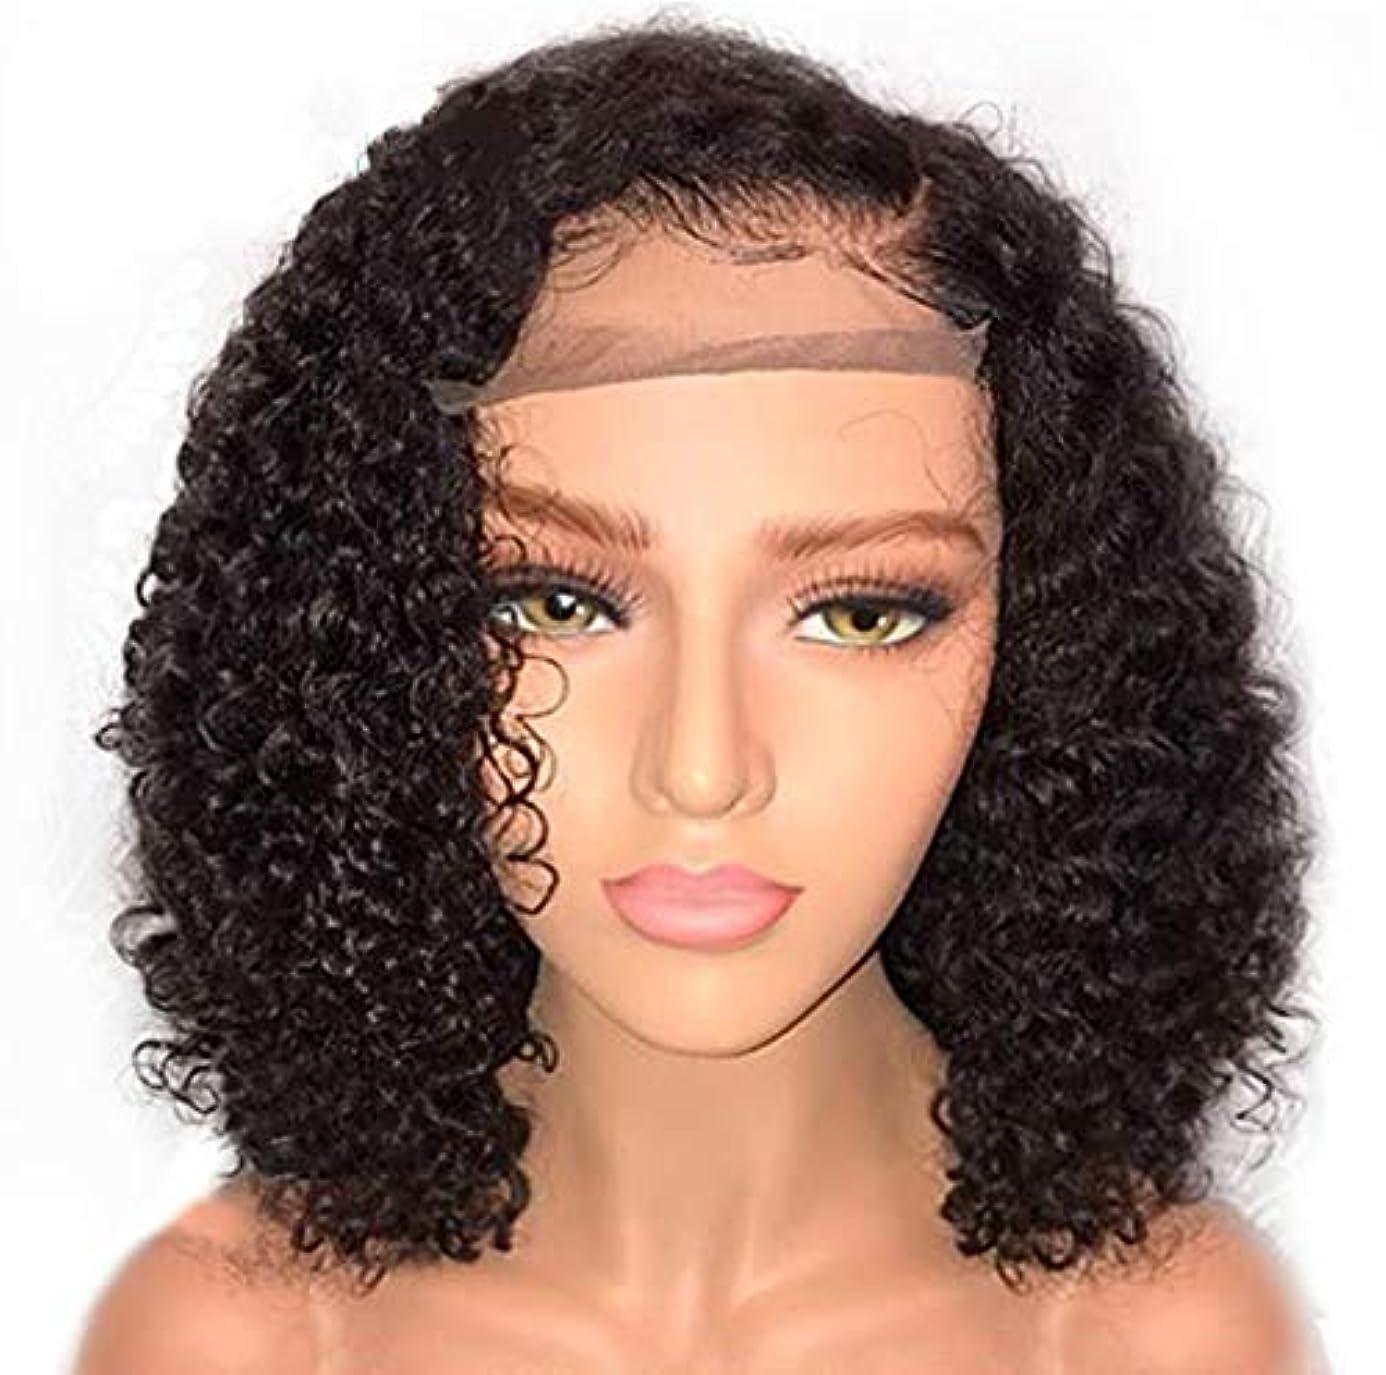 めるセレナ比類なき女性かつらカーリー13 * 4レース前頭かつら合成ブラジル髪かつらフルエンド赤ちゃん髪150%密度黒30センチ